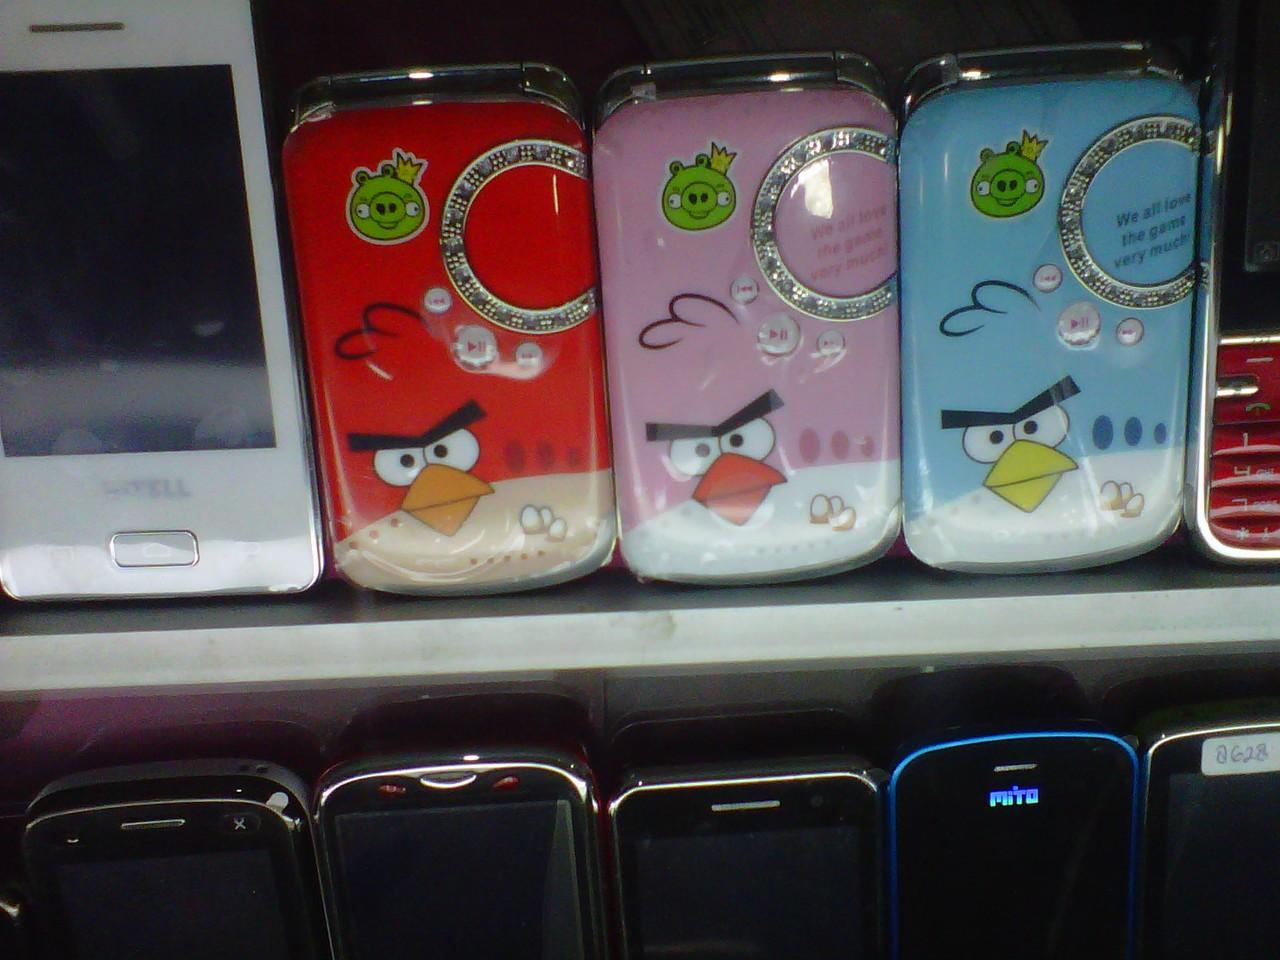 http://2.bp.blogspot.com/-q3egBjgY41I/UKiUZn-CA5I/AAAAAAAAAKI/bhpPdN8_178/s1600/HandPhone+Android+Lucu+dan+Keren+2.jpg